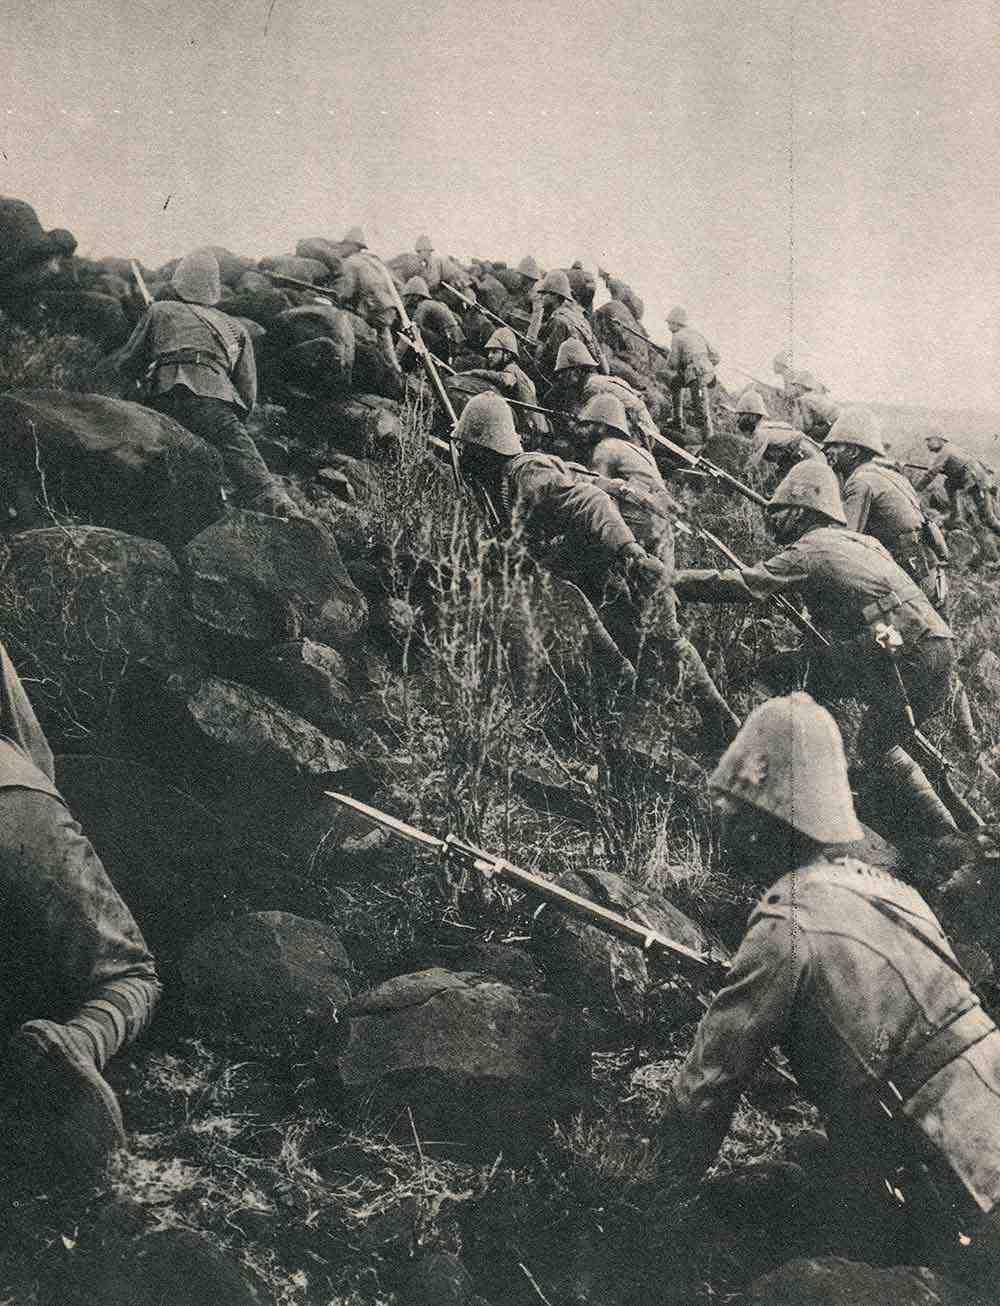 Bataille de Paardeberg (guerre d'Afrique du Sud)